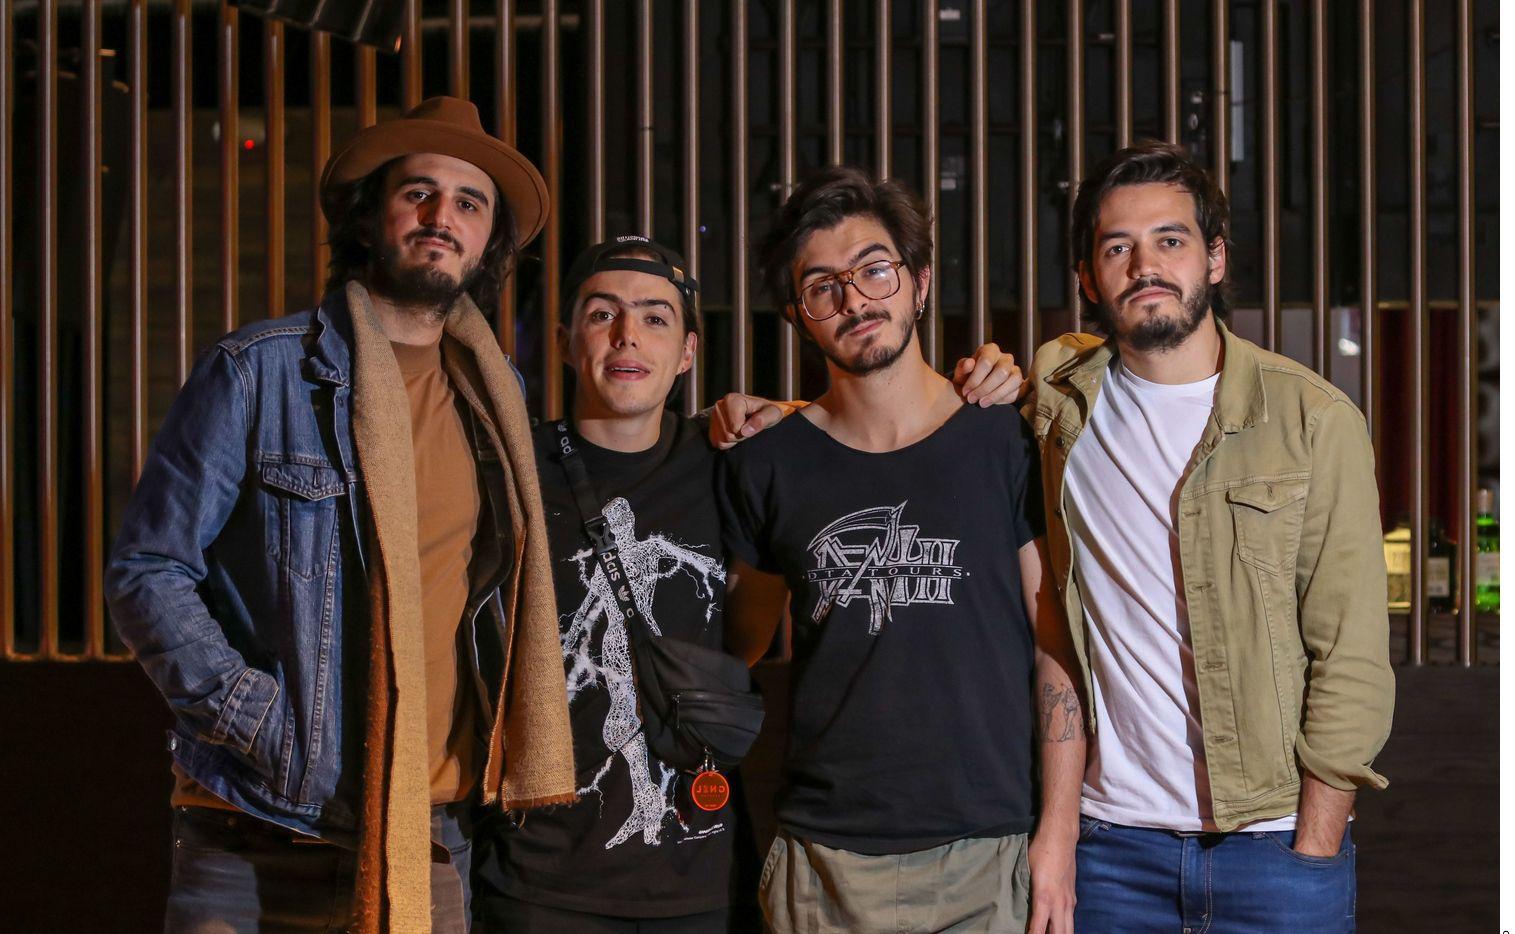 La banda colombiana Morat confirmó que uno de sus integrantes, Juan Pablo Villamil, dio positivo al coronavirus, por lo que considera que todos los demás miembros también están contagiados.